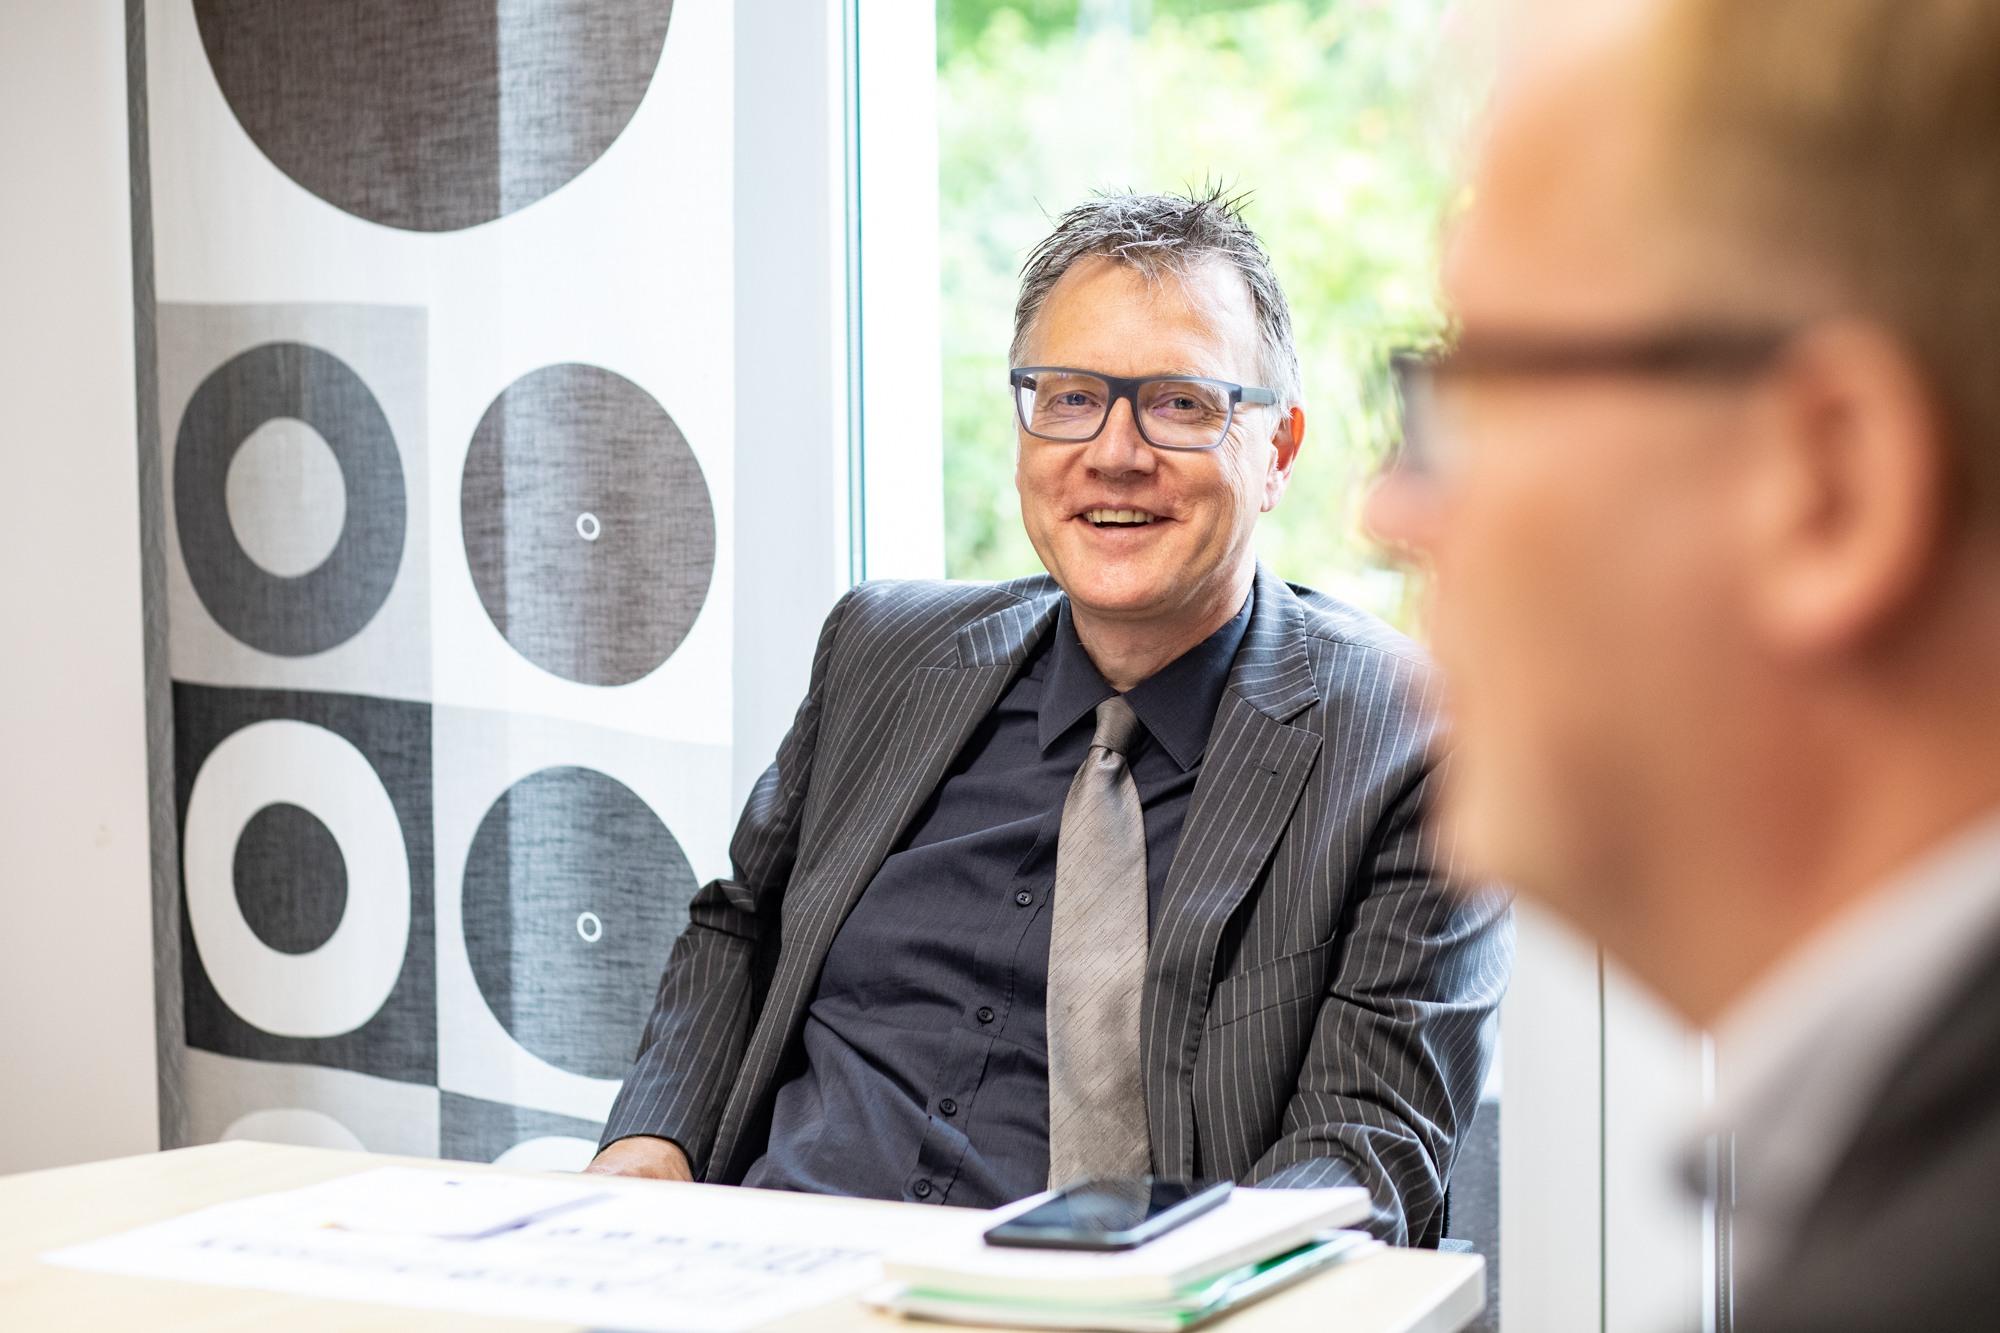 Prof. Sellmann in die ZdK-Vollversammlung gewählt